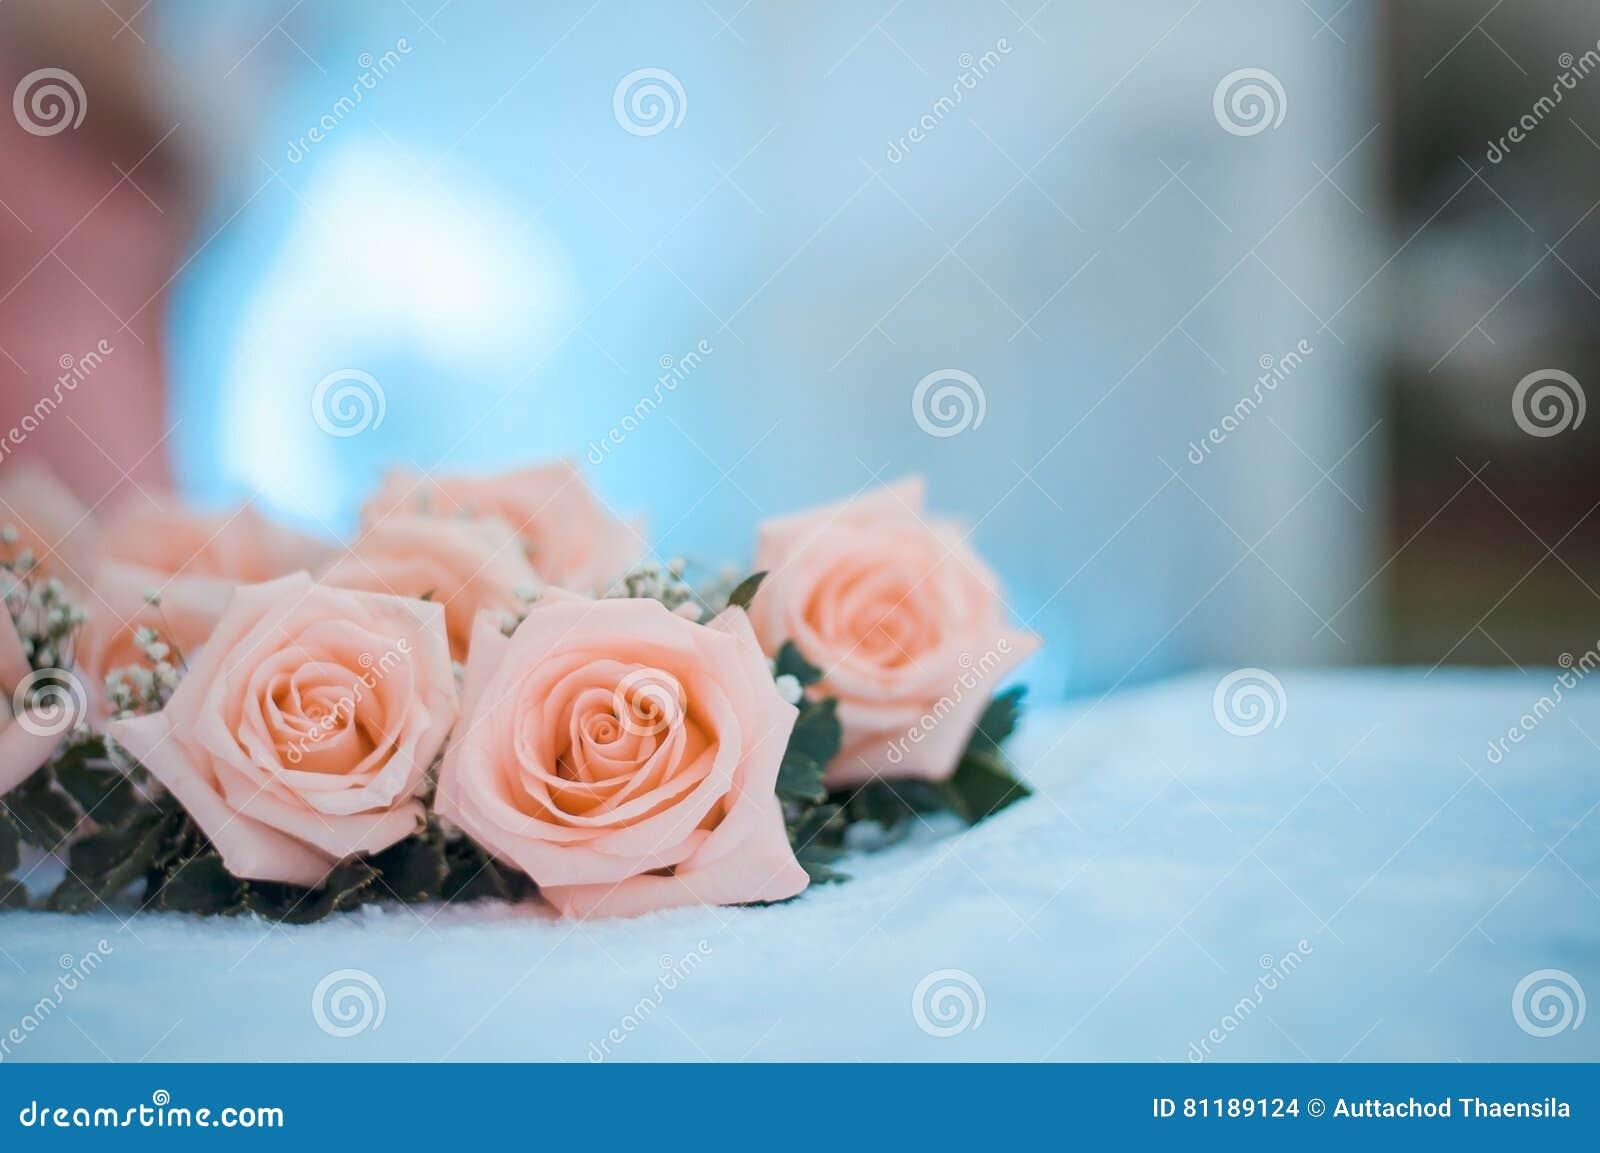 Rose setzte auf den Schreibtisch